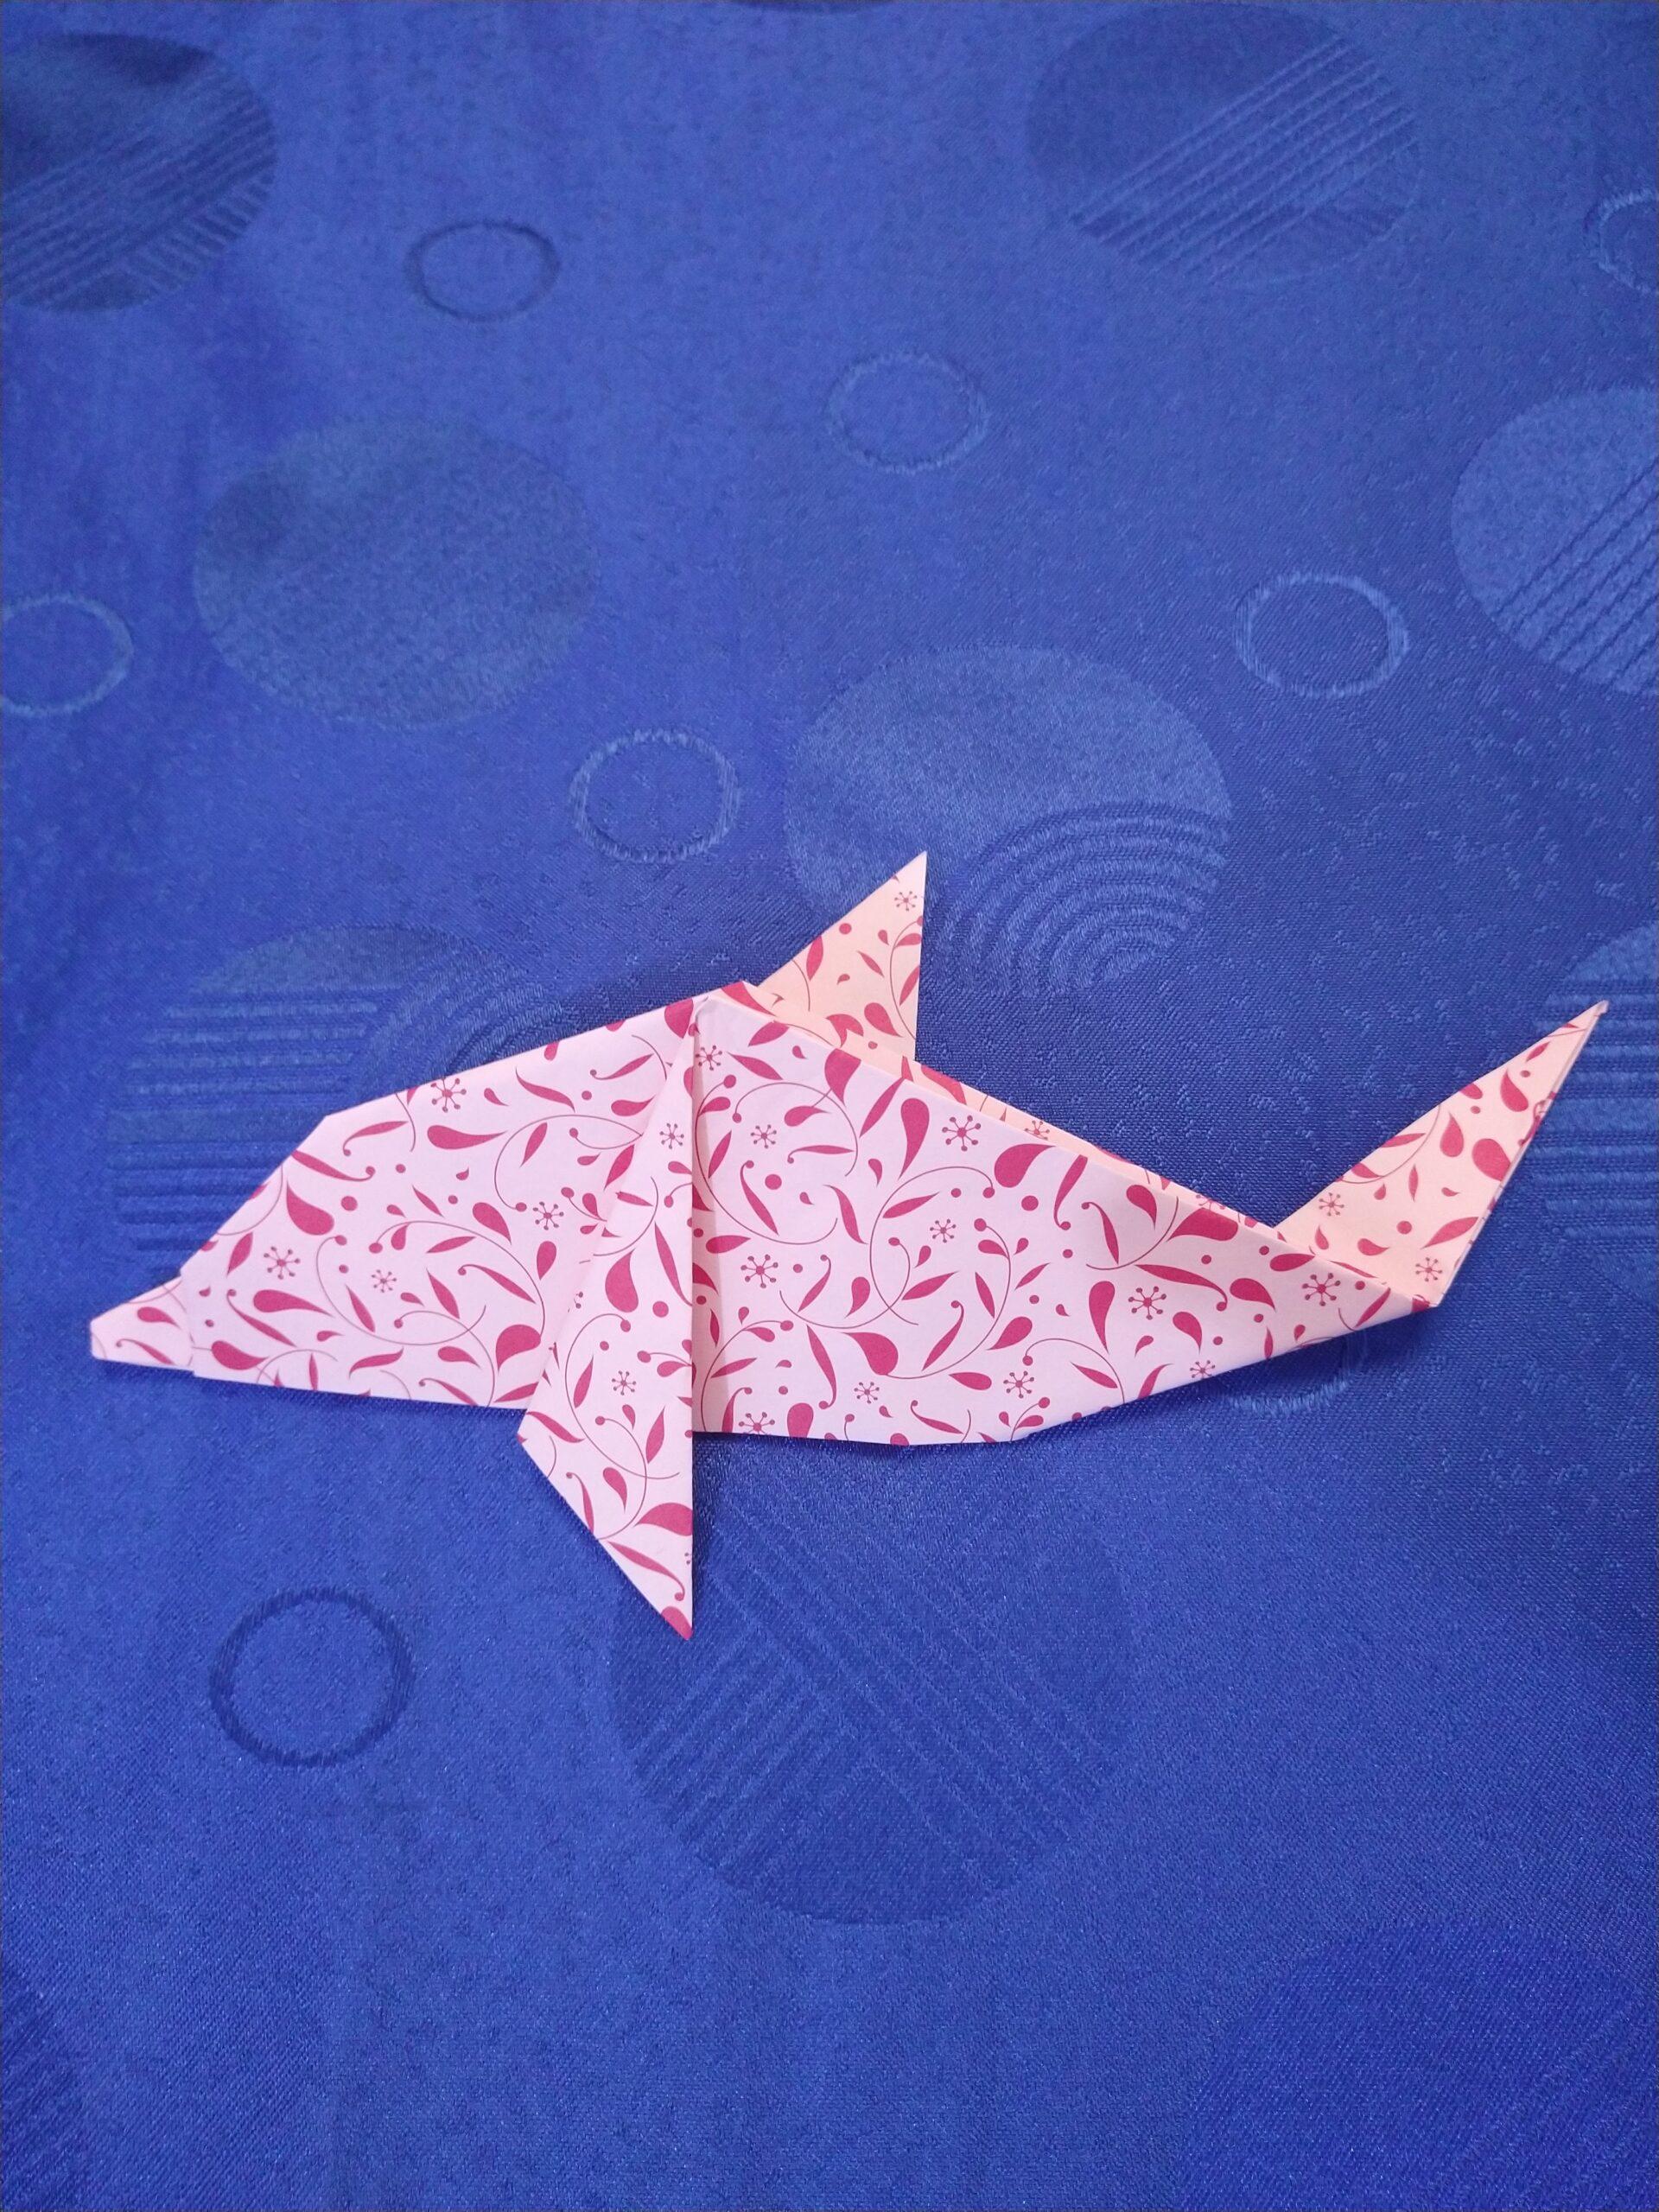 Realiza un delfín en origami